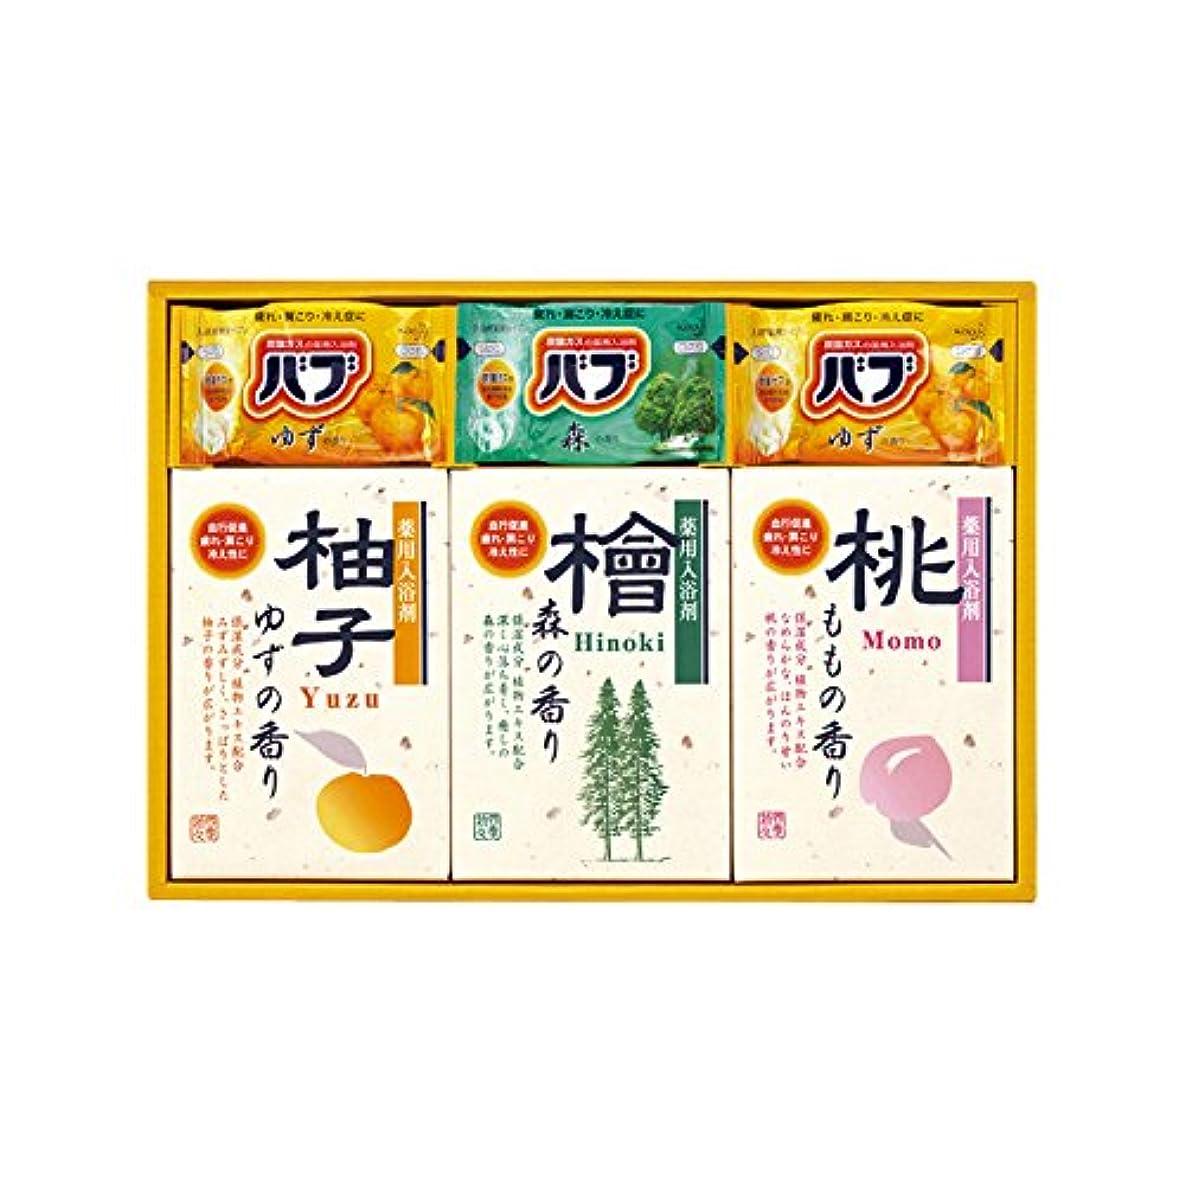 調和のとれた気質アレルギー四季折々 薬用入浴剤セット SB-15 7163-023